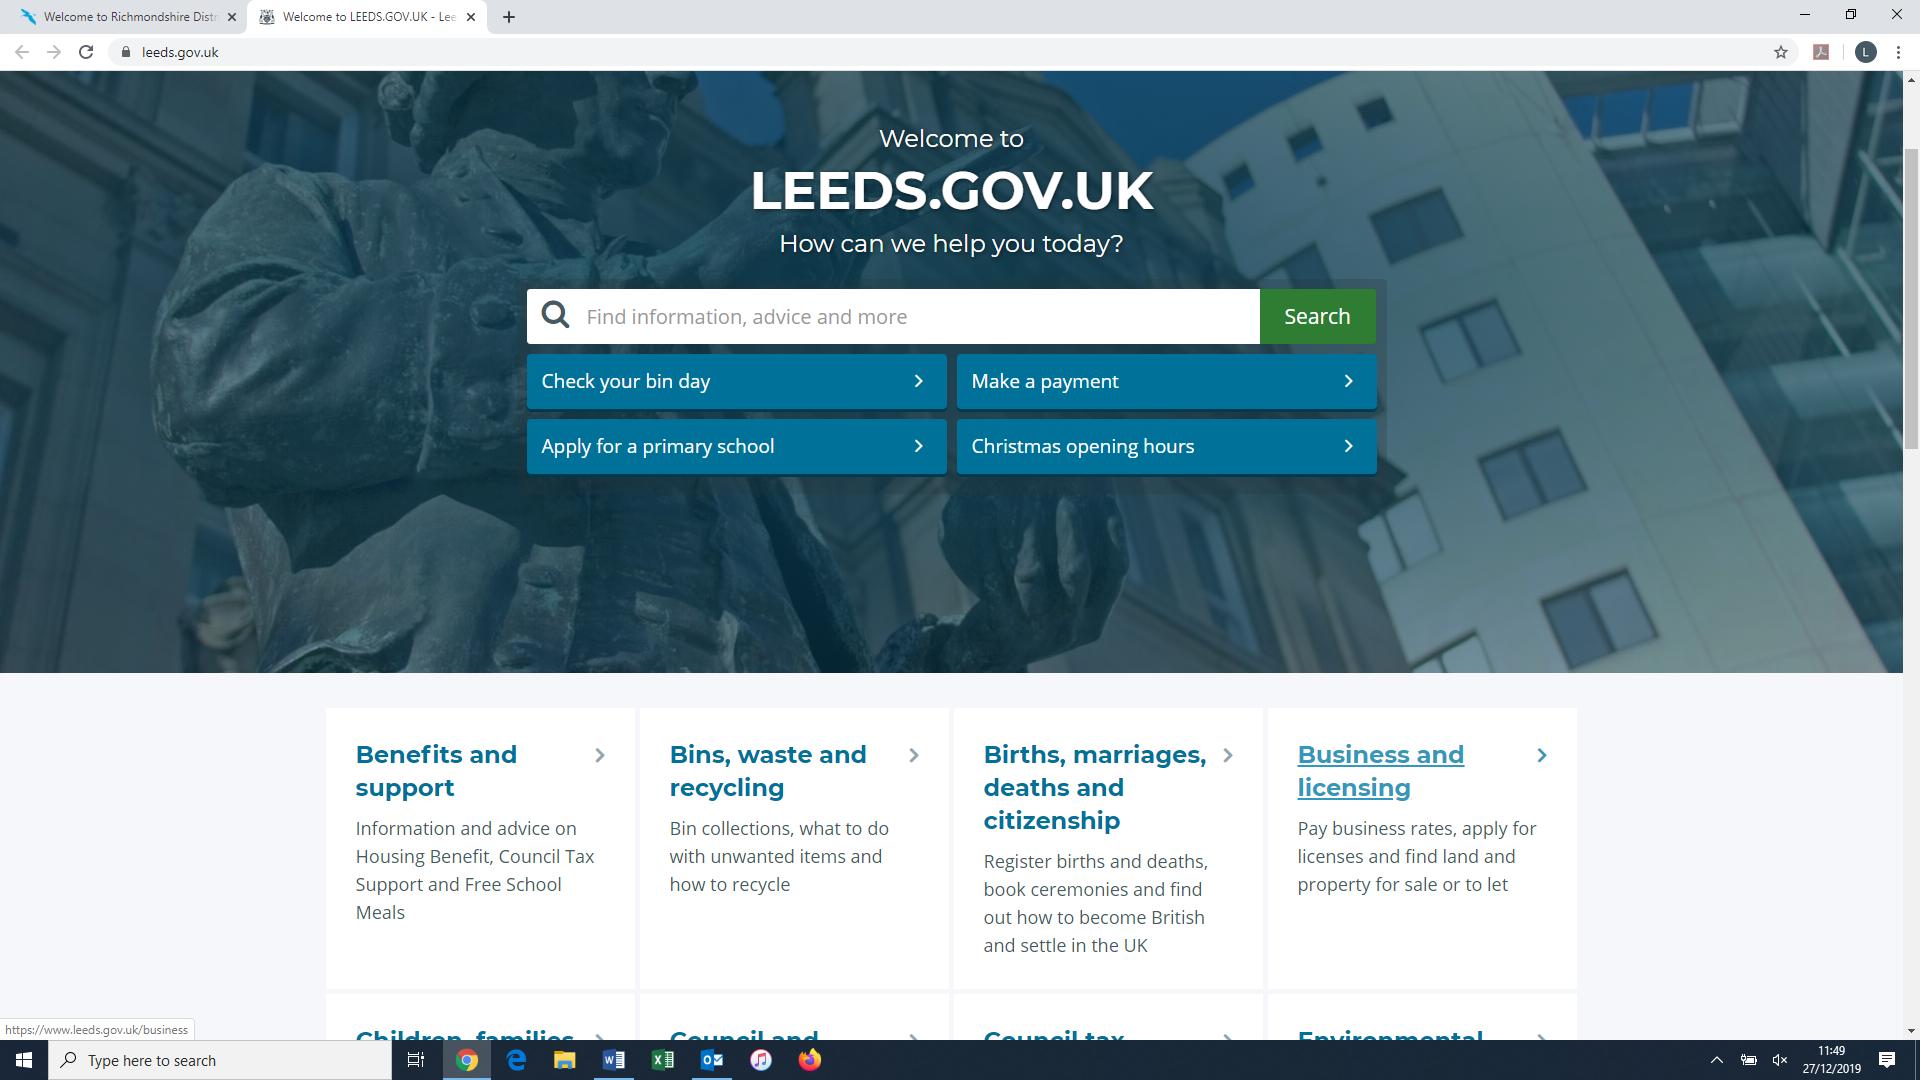 https://www.leeds.gov.uk/